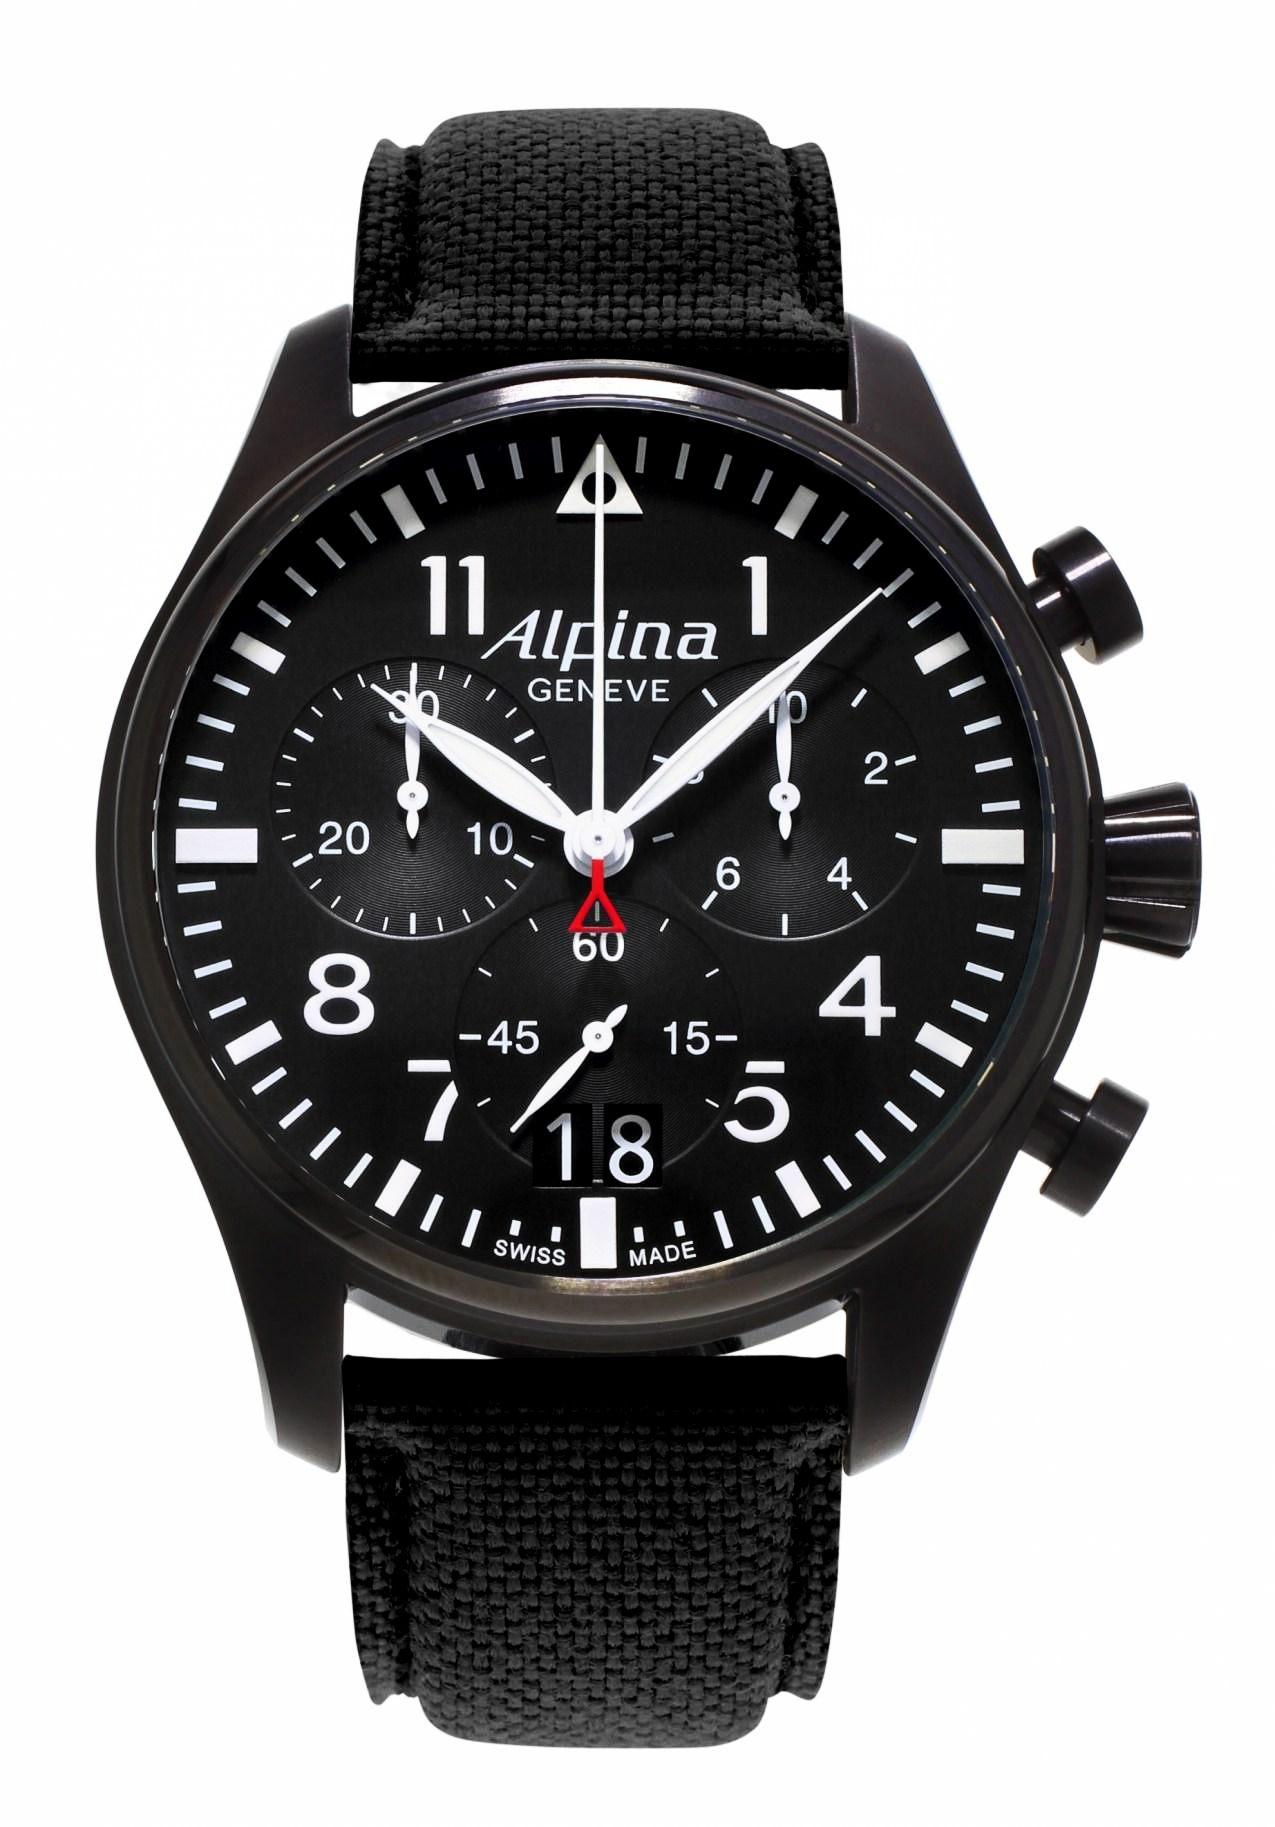 alpina startimer pilot herrenchronograph al 372b4fbs6 nur 995 00. Black Bedroom Furniture Sets. Home Design Ideas